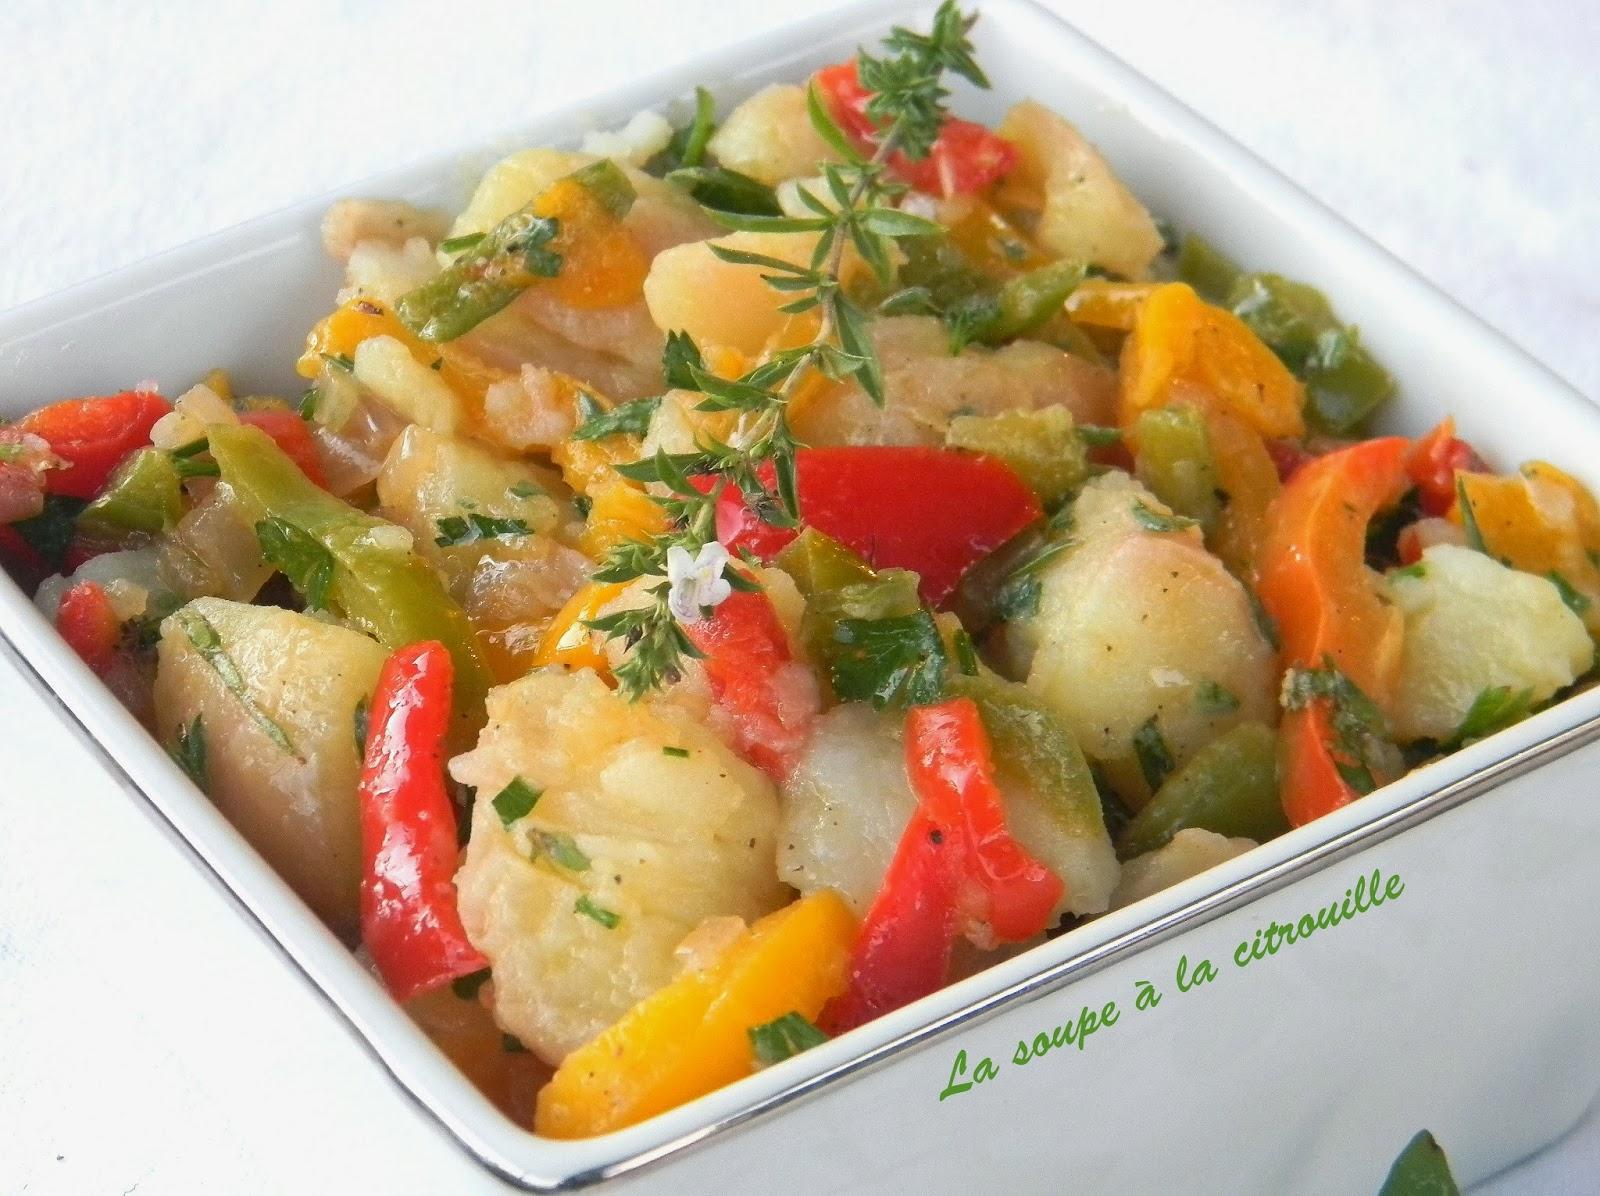 La soupe la citrouille salade de pommes de terre aux poivrons marin es - Salade de poivron grille ...